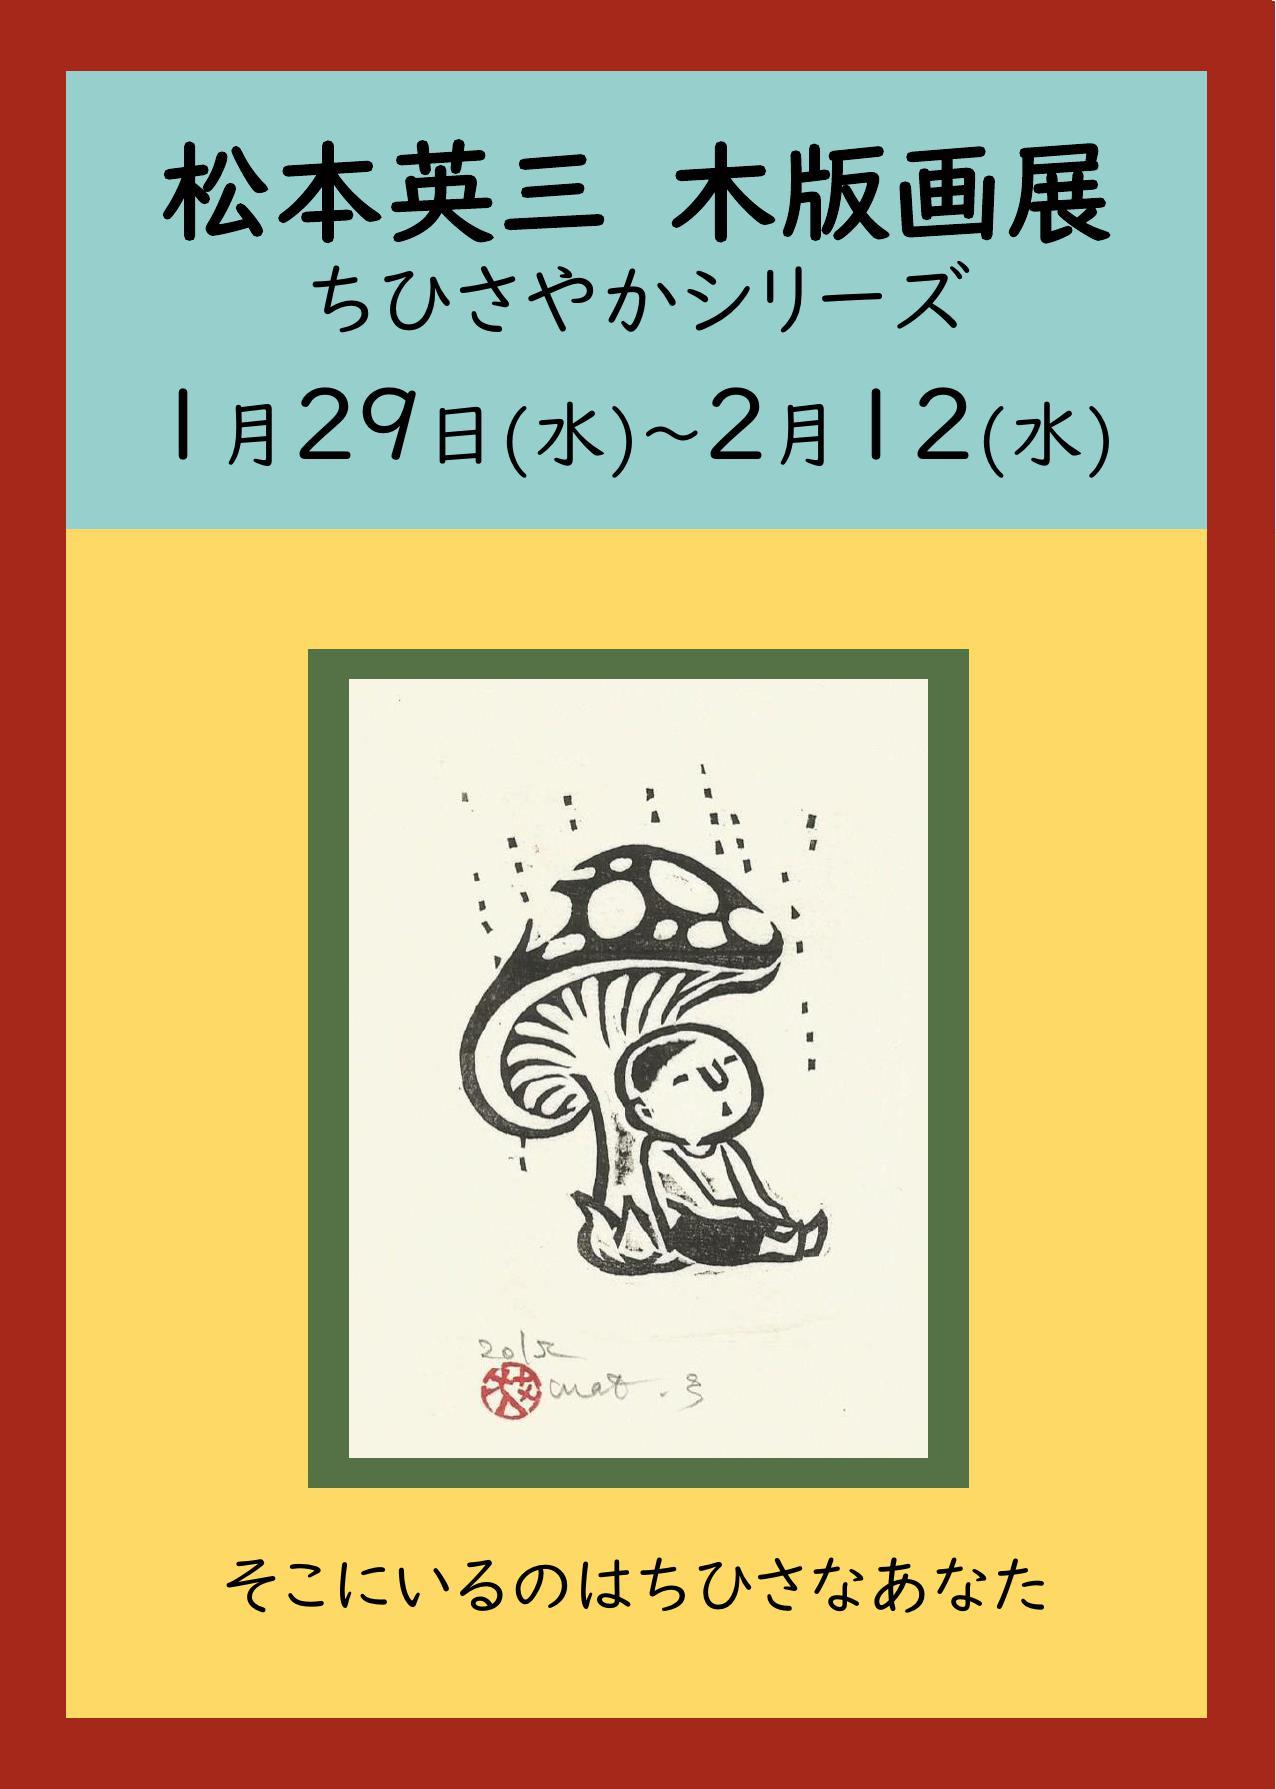 松本英三_000001